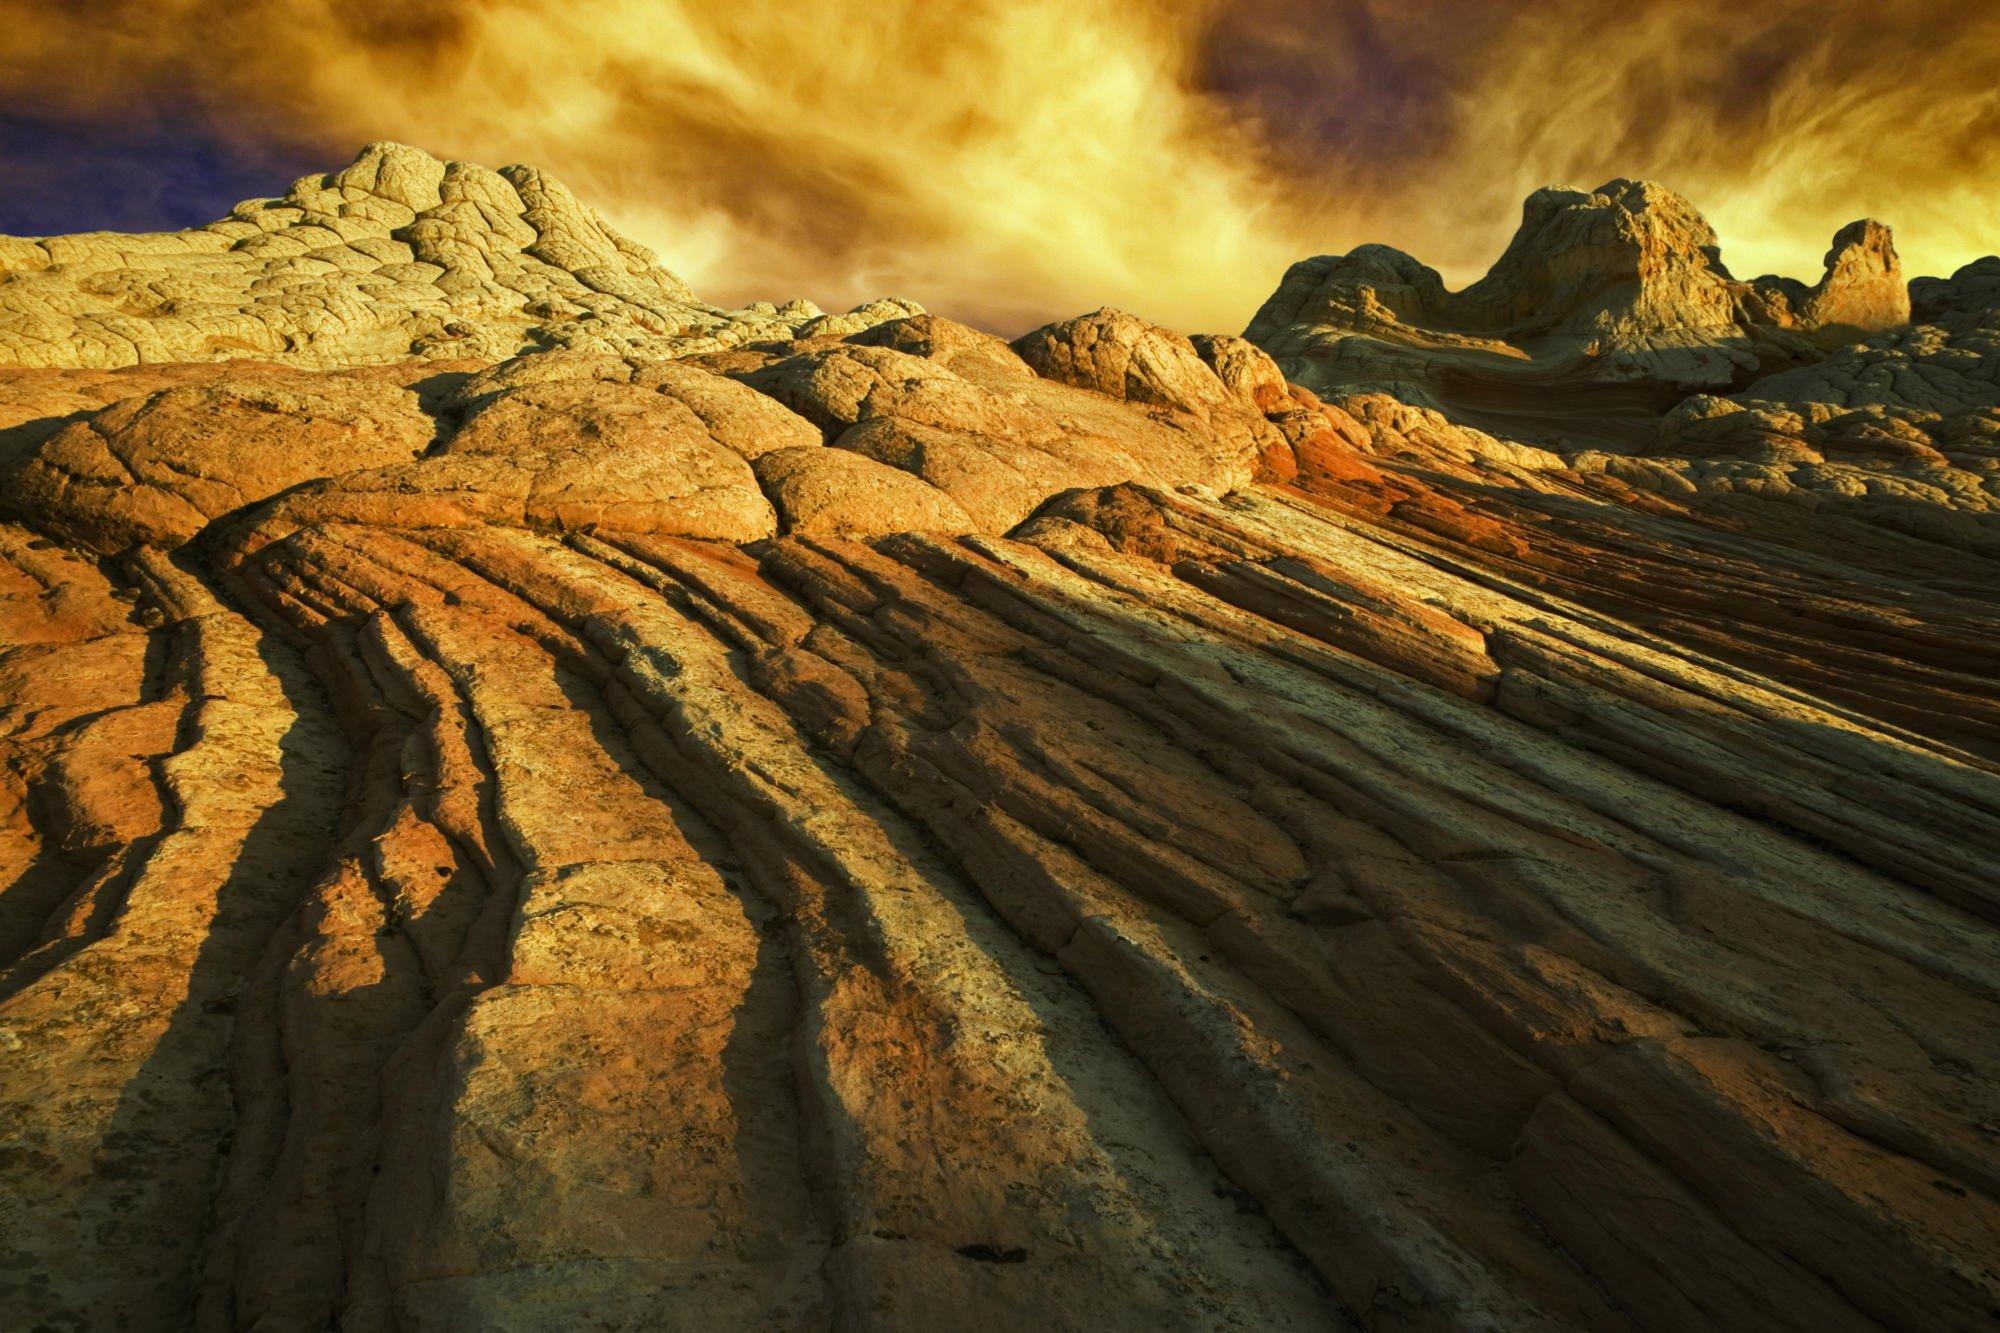 国际资讯_Adam Jones漂亮的自然风光摄影作品(2) - 设计之家